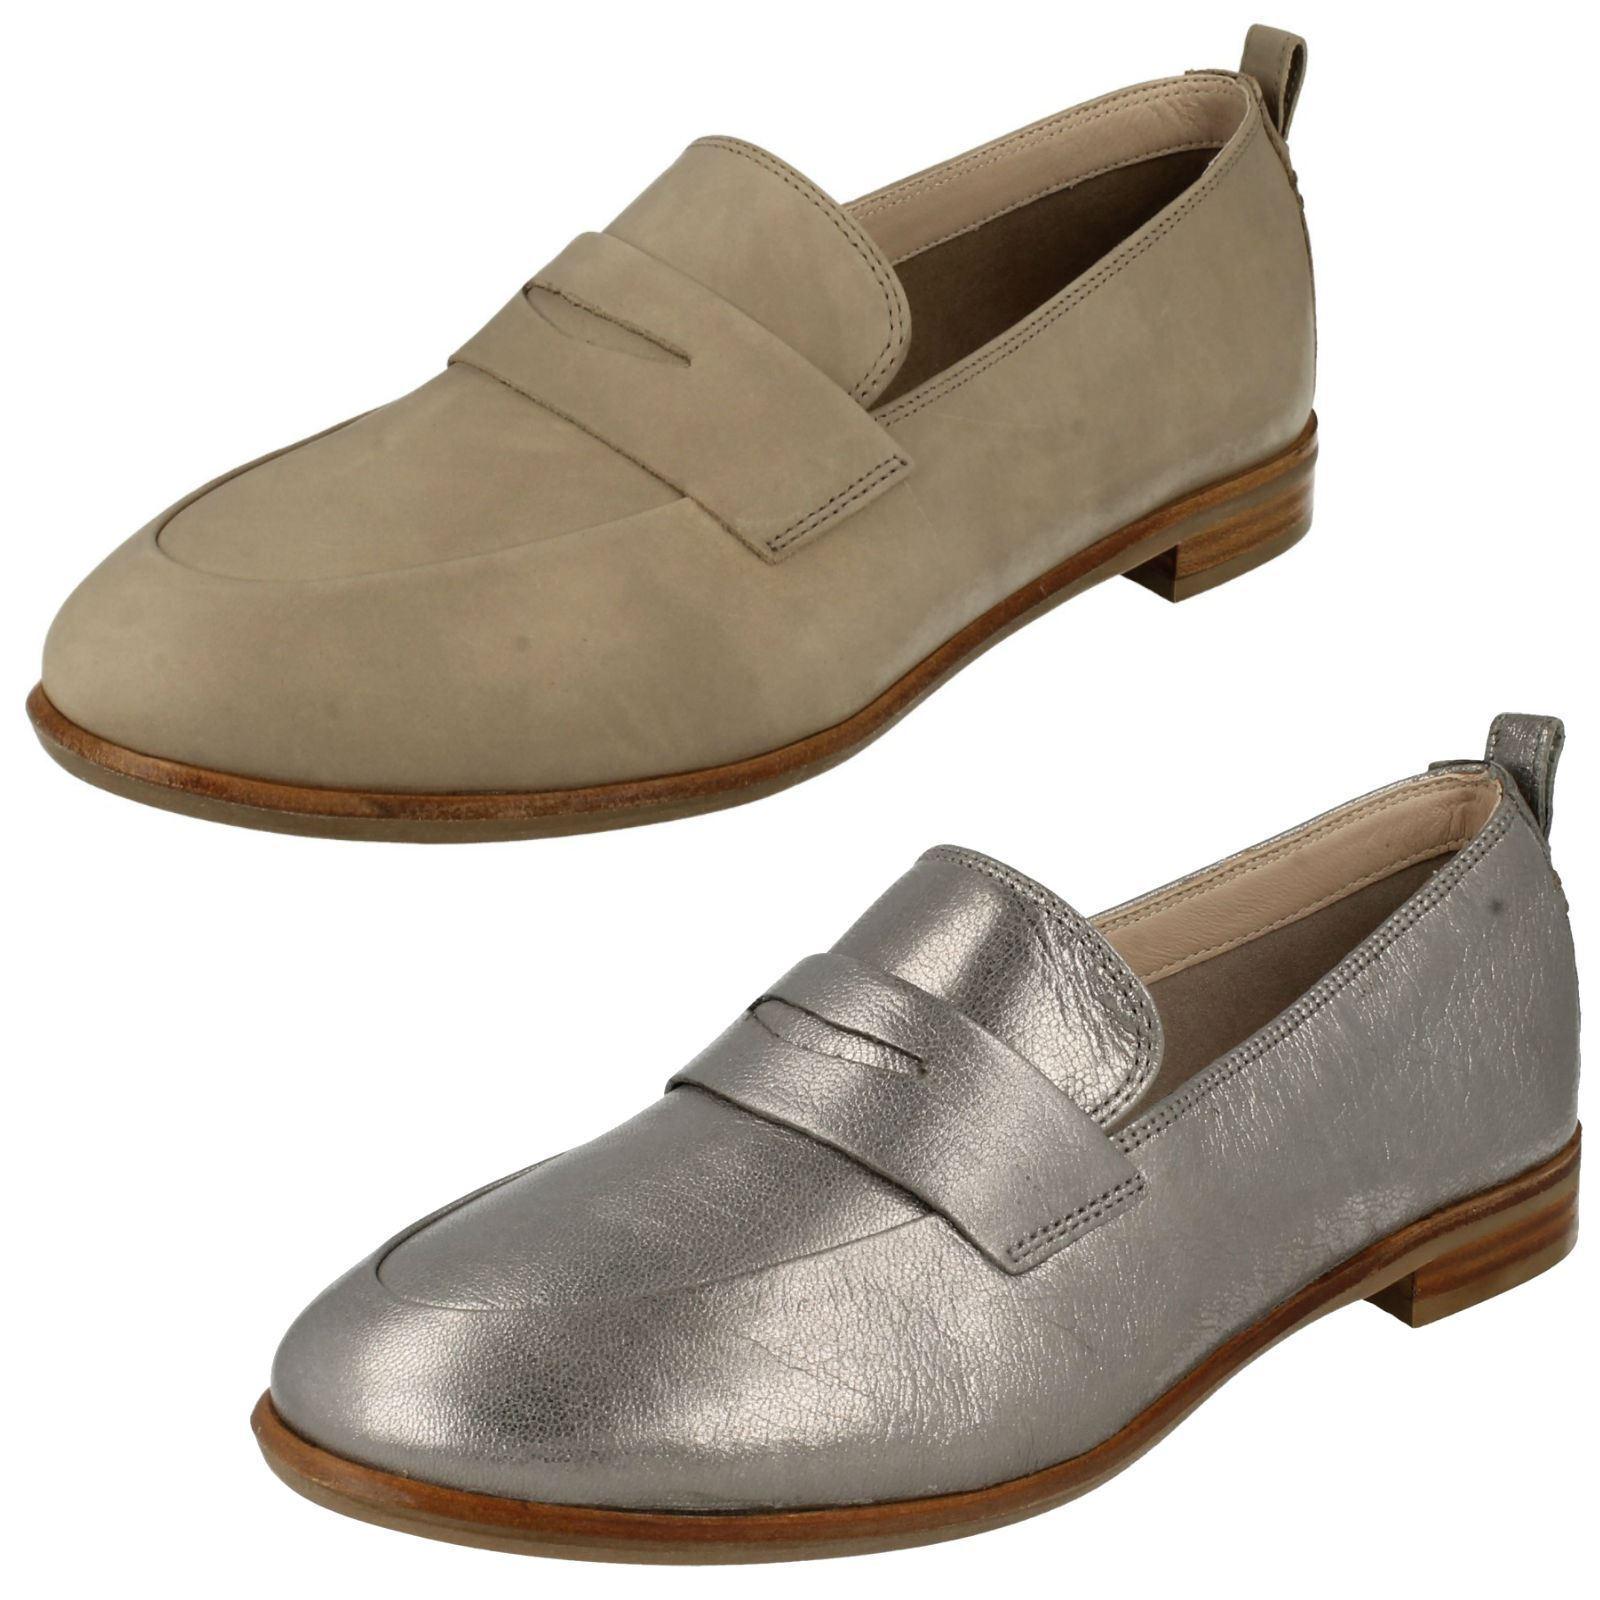 Zapatos de mujer baratos zapatos de mujer Descuento por tiempo limitado Ladies Clarks Smart Slip On Loafers